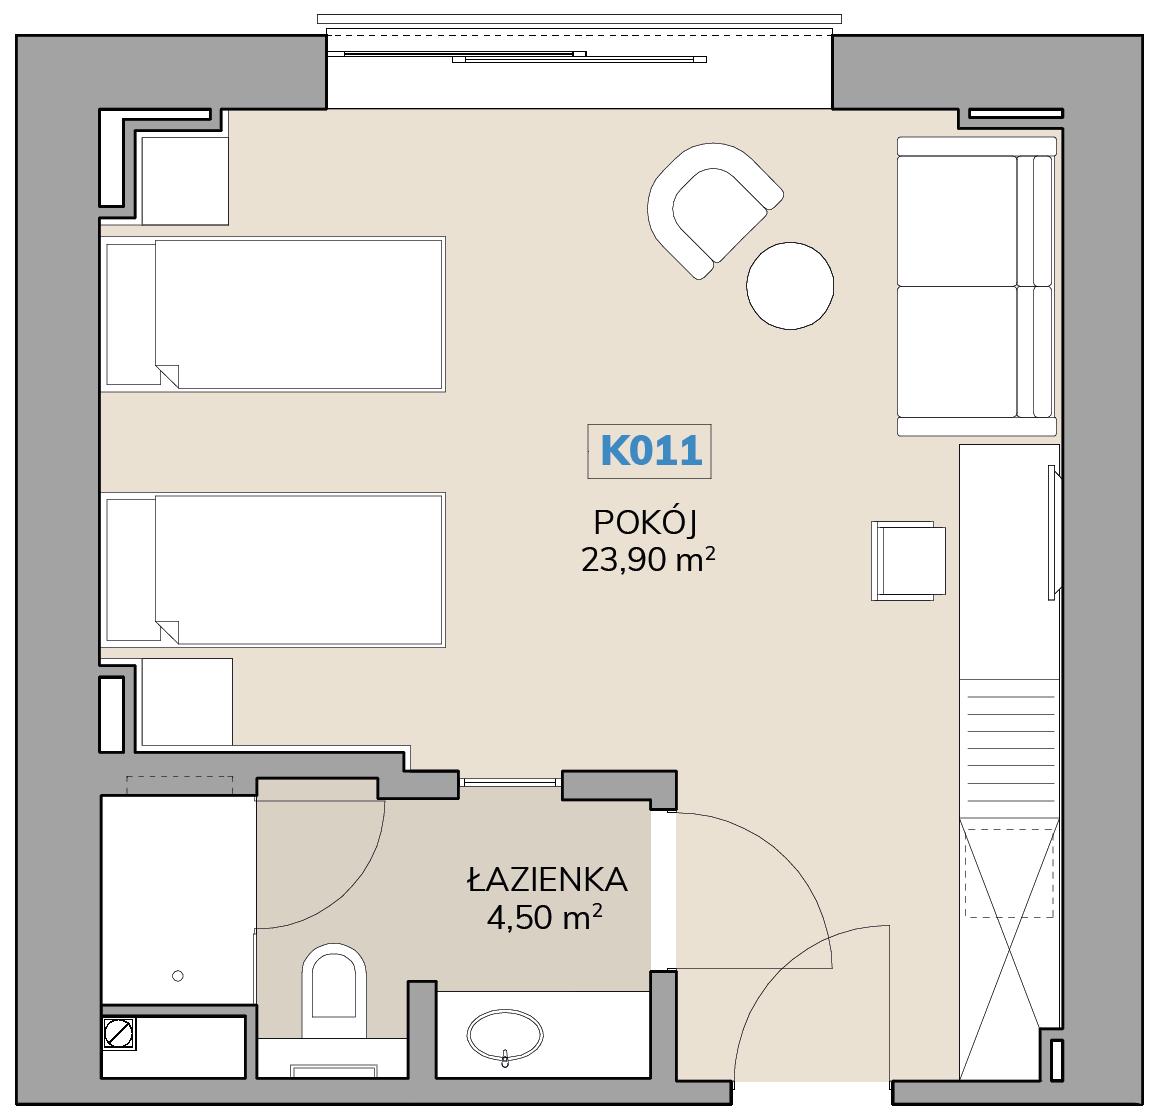 Apartament K011